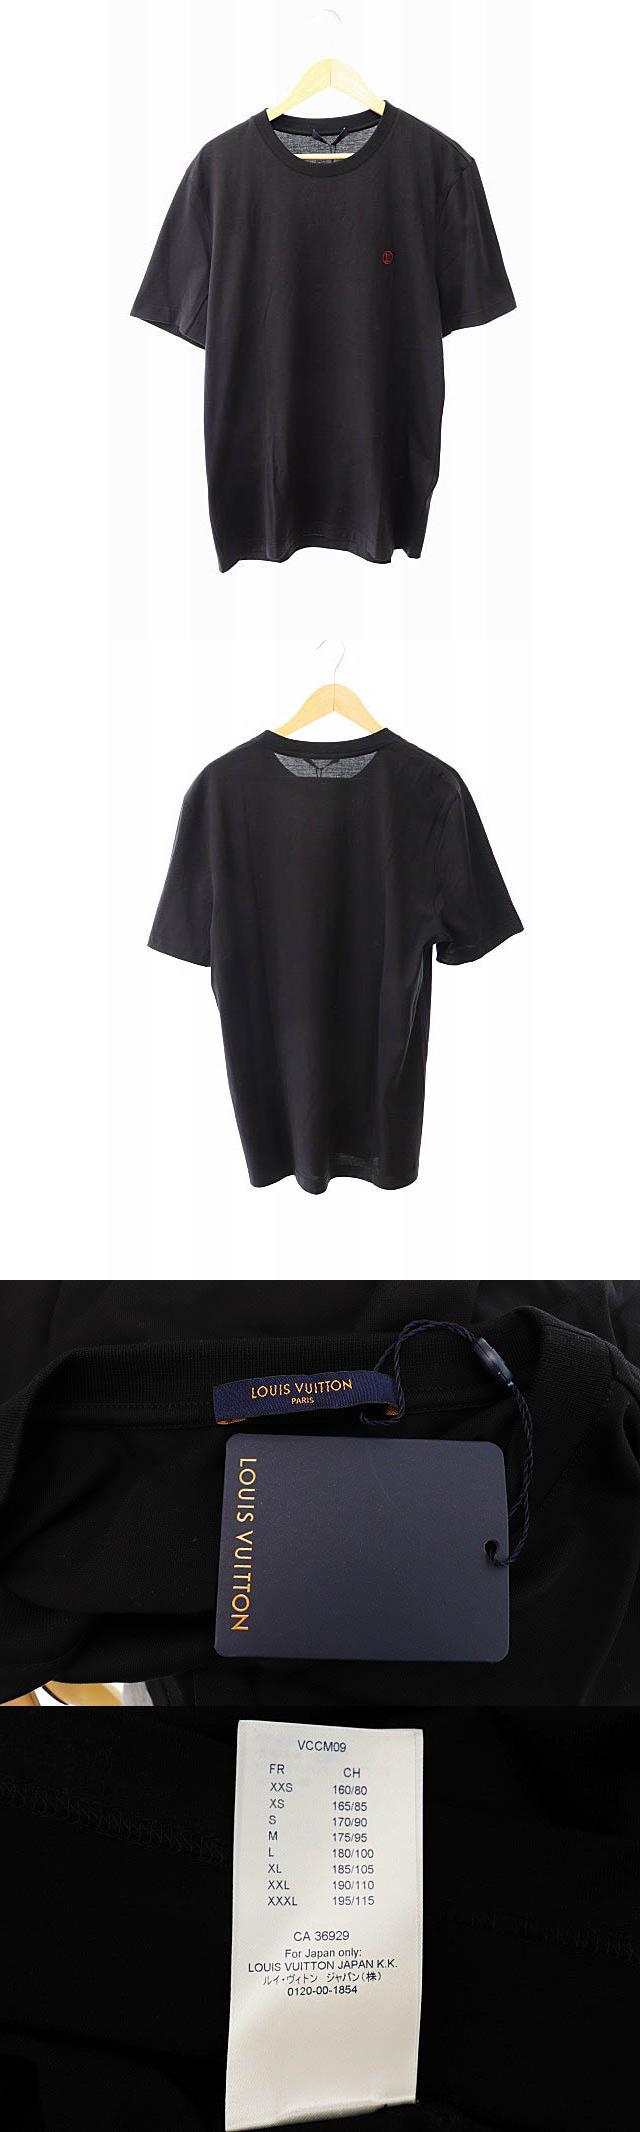 未使用品 LV刺繍ロゴ クルーネック半袖Tシャツ VCCM09 RM192Q JC8 HAY50W L黒ブラック ブランド古着ベクトル 中古190828 0200